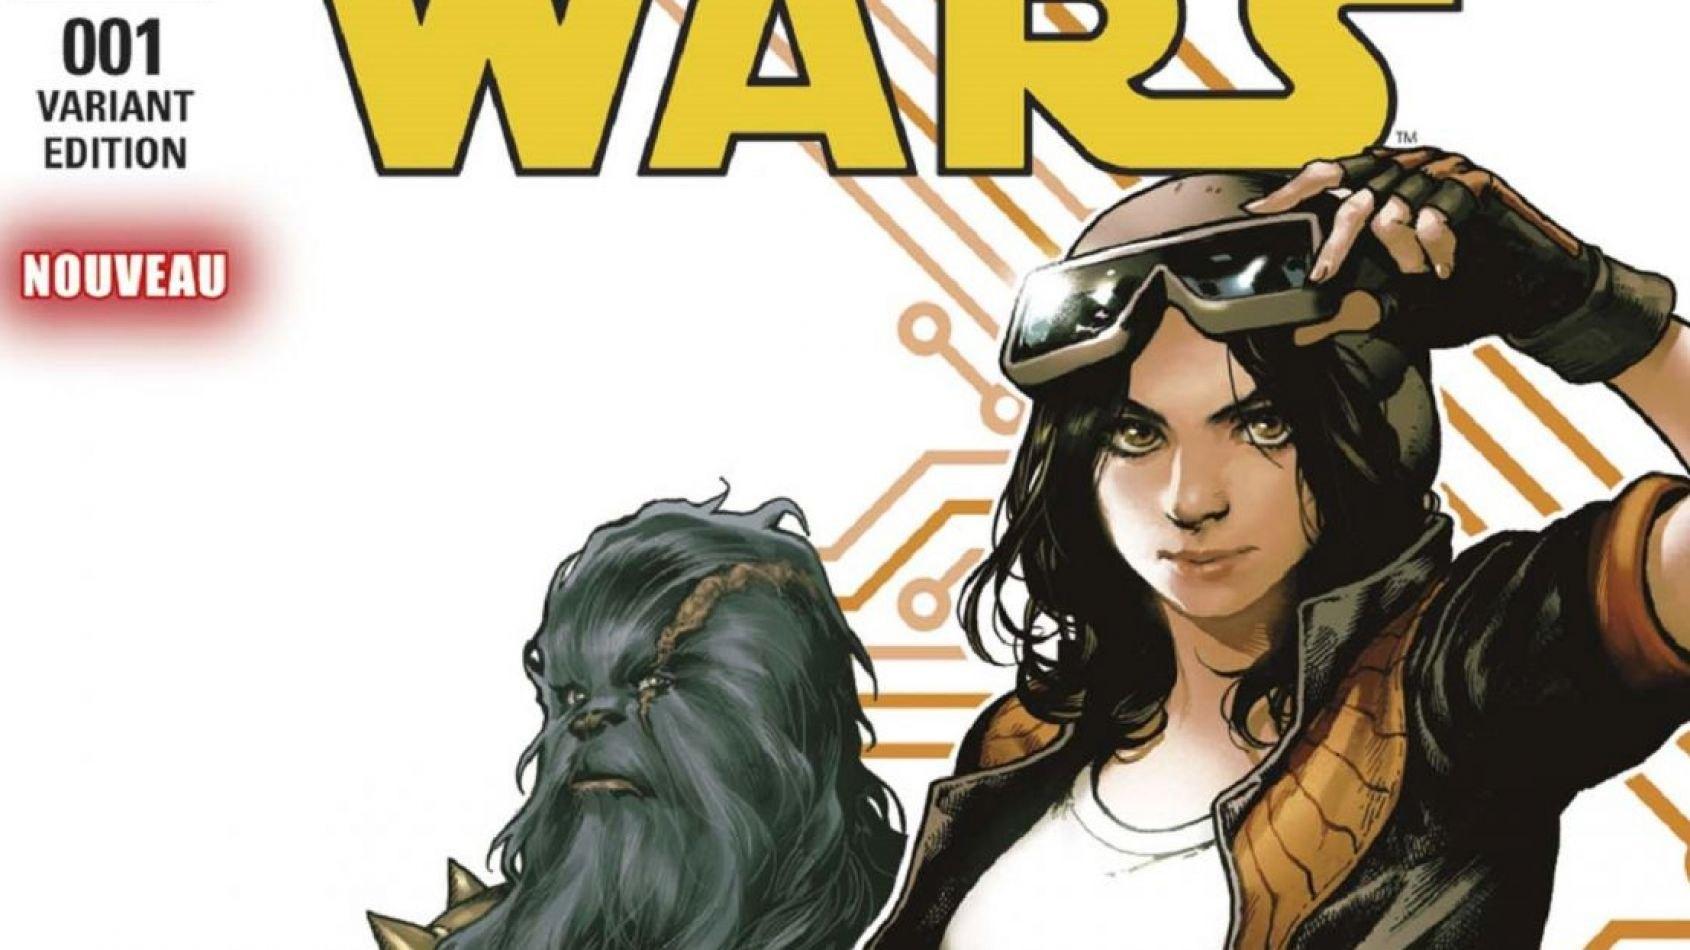 Panini : Sortie du nouveau magazine de comics Star Wars 001